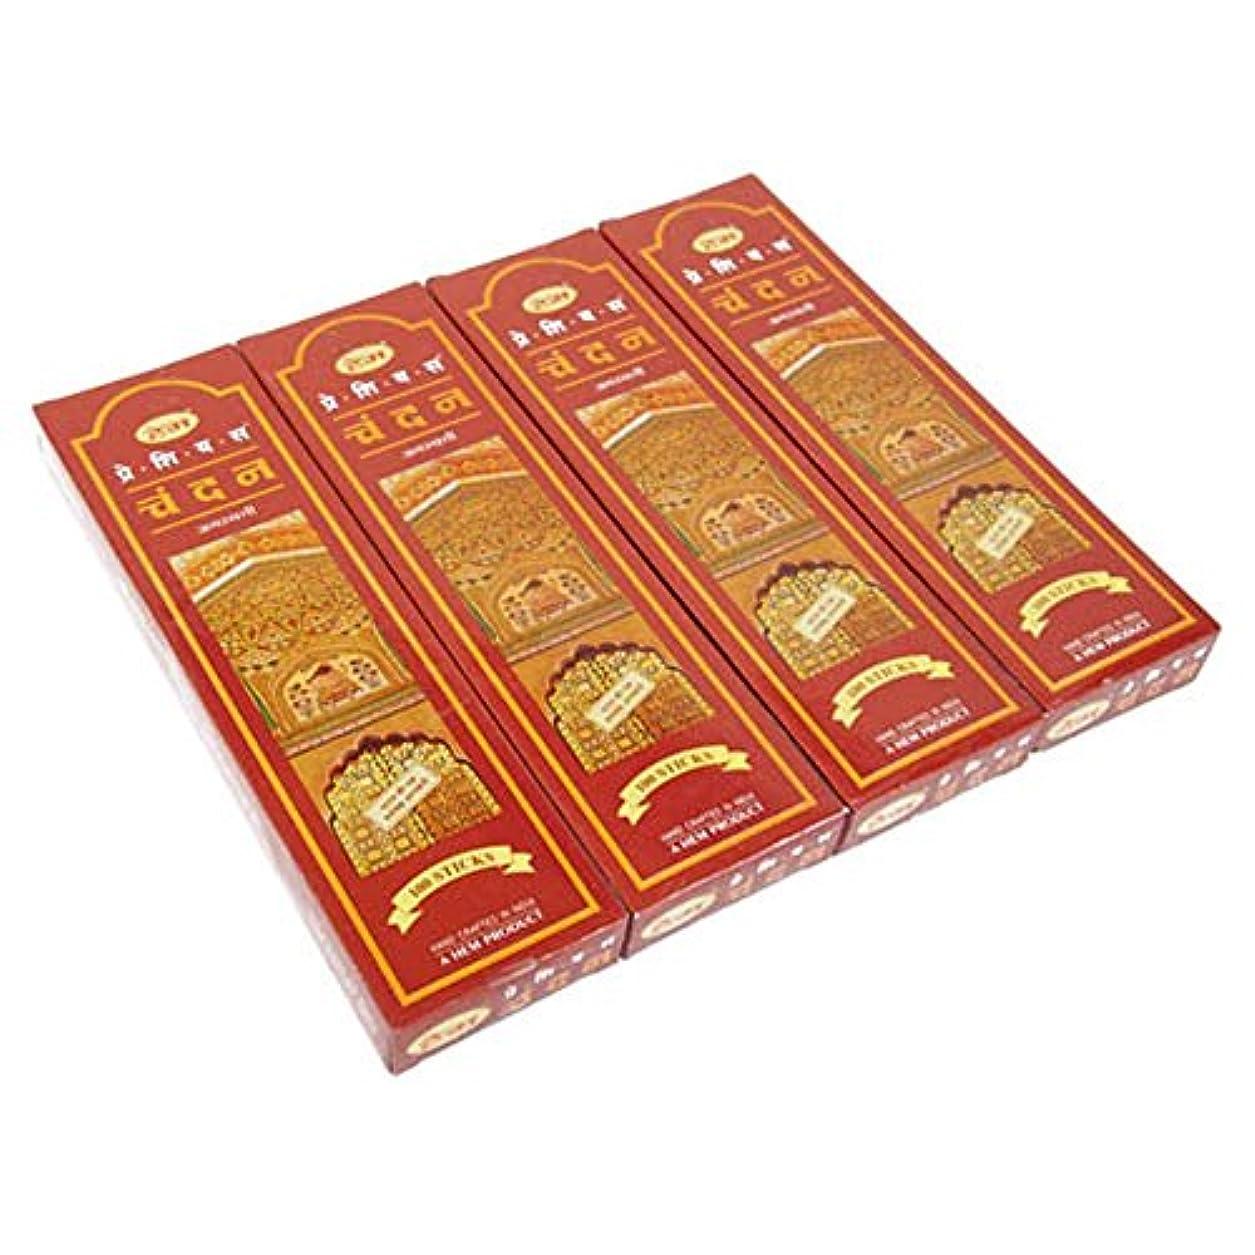 有効なの頭の上挑むHEM チャンダン スティック エコノミーパック 100P 4箱セット